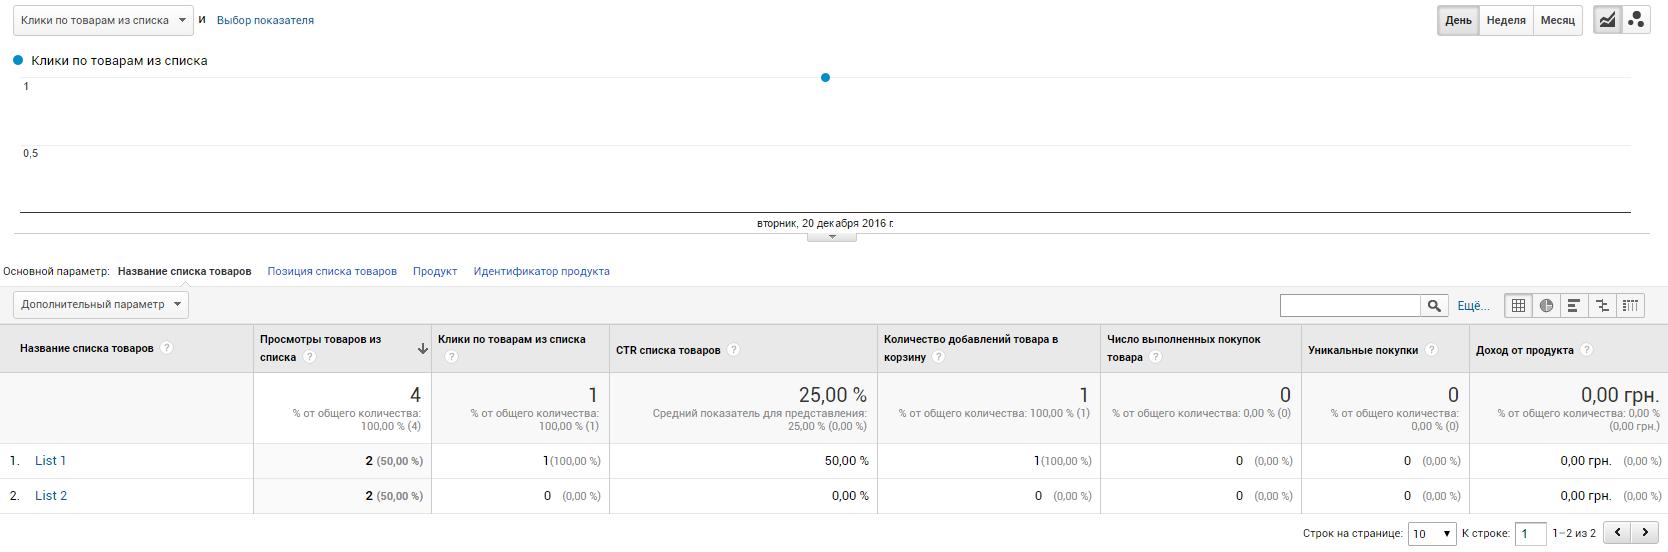 После отправки данных изменяется значение показателя «Количество добавлений товара в корзину» в отчете «Эффективность списка товаров»